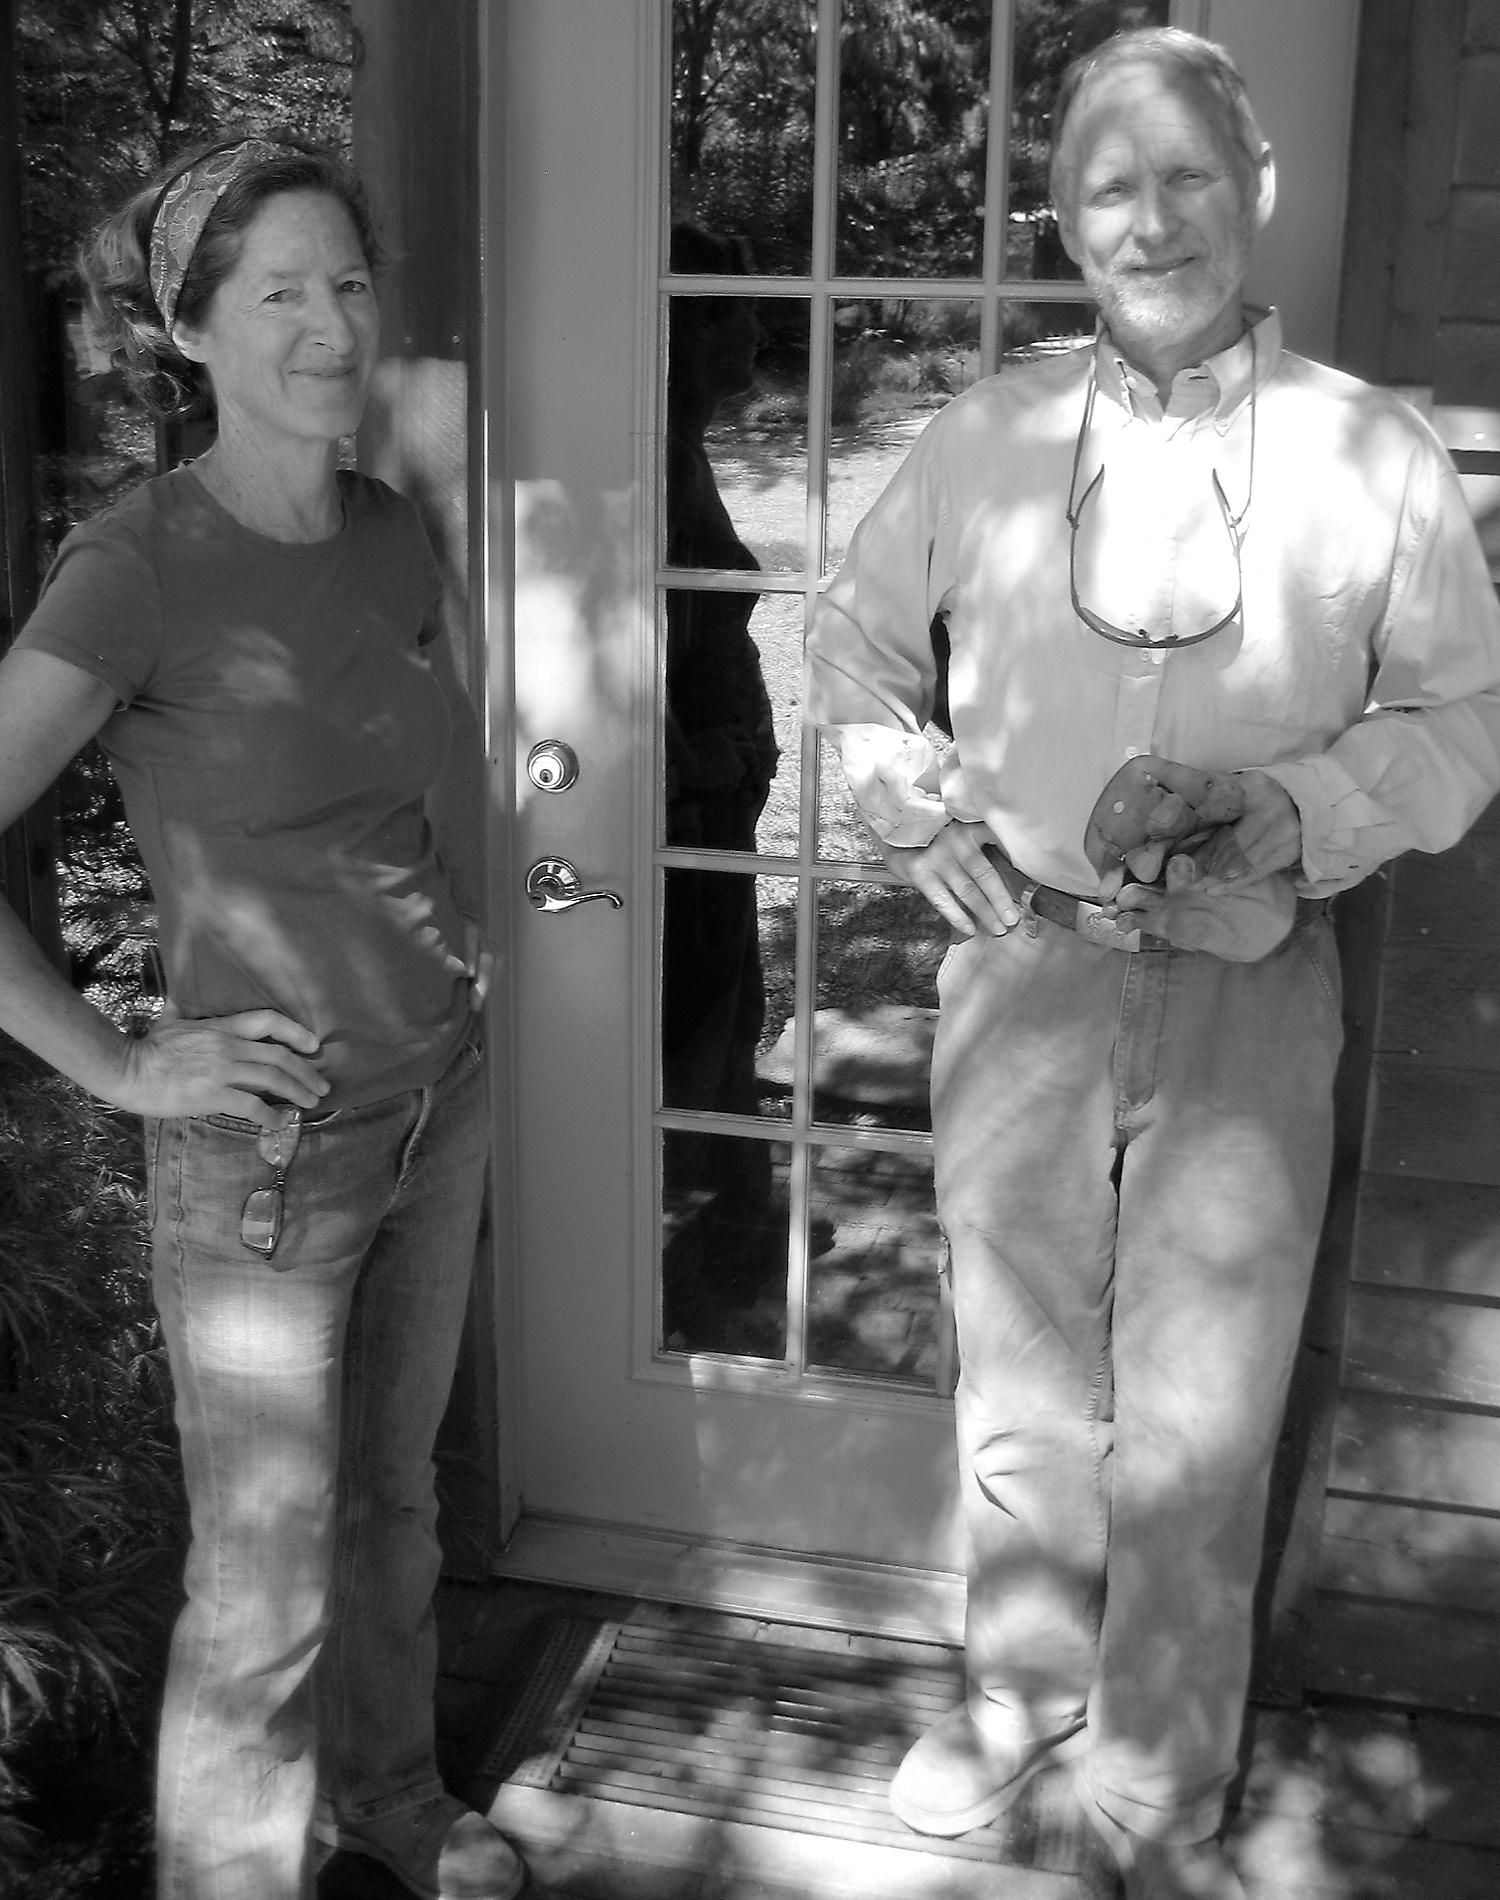 Jim and Susan Pyle